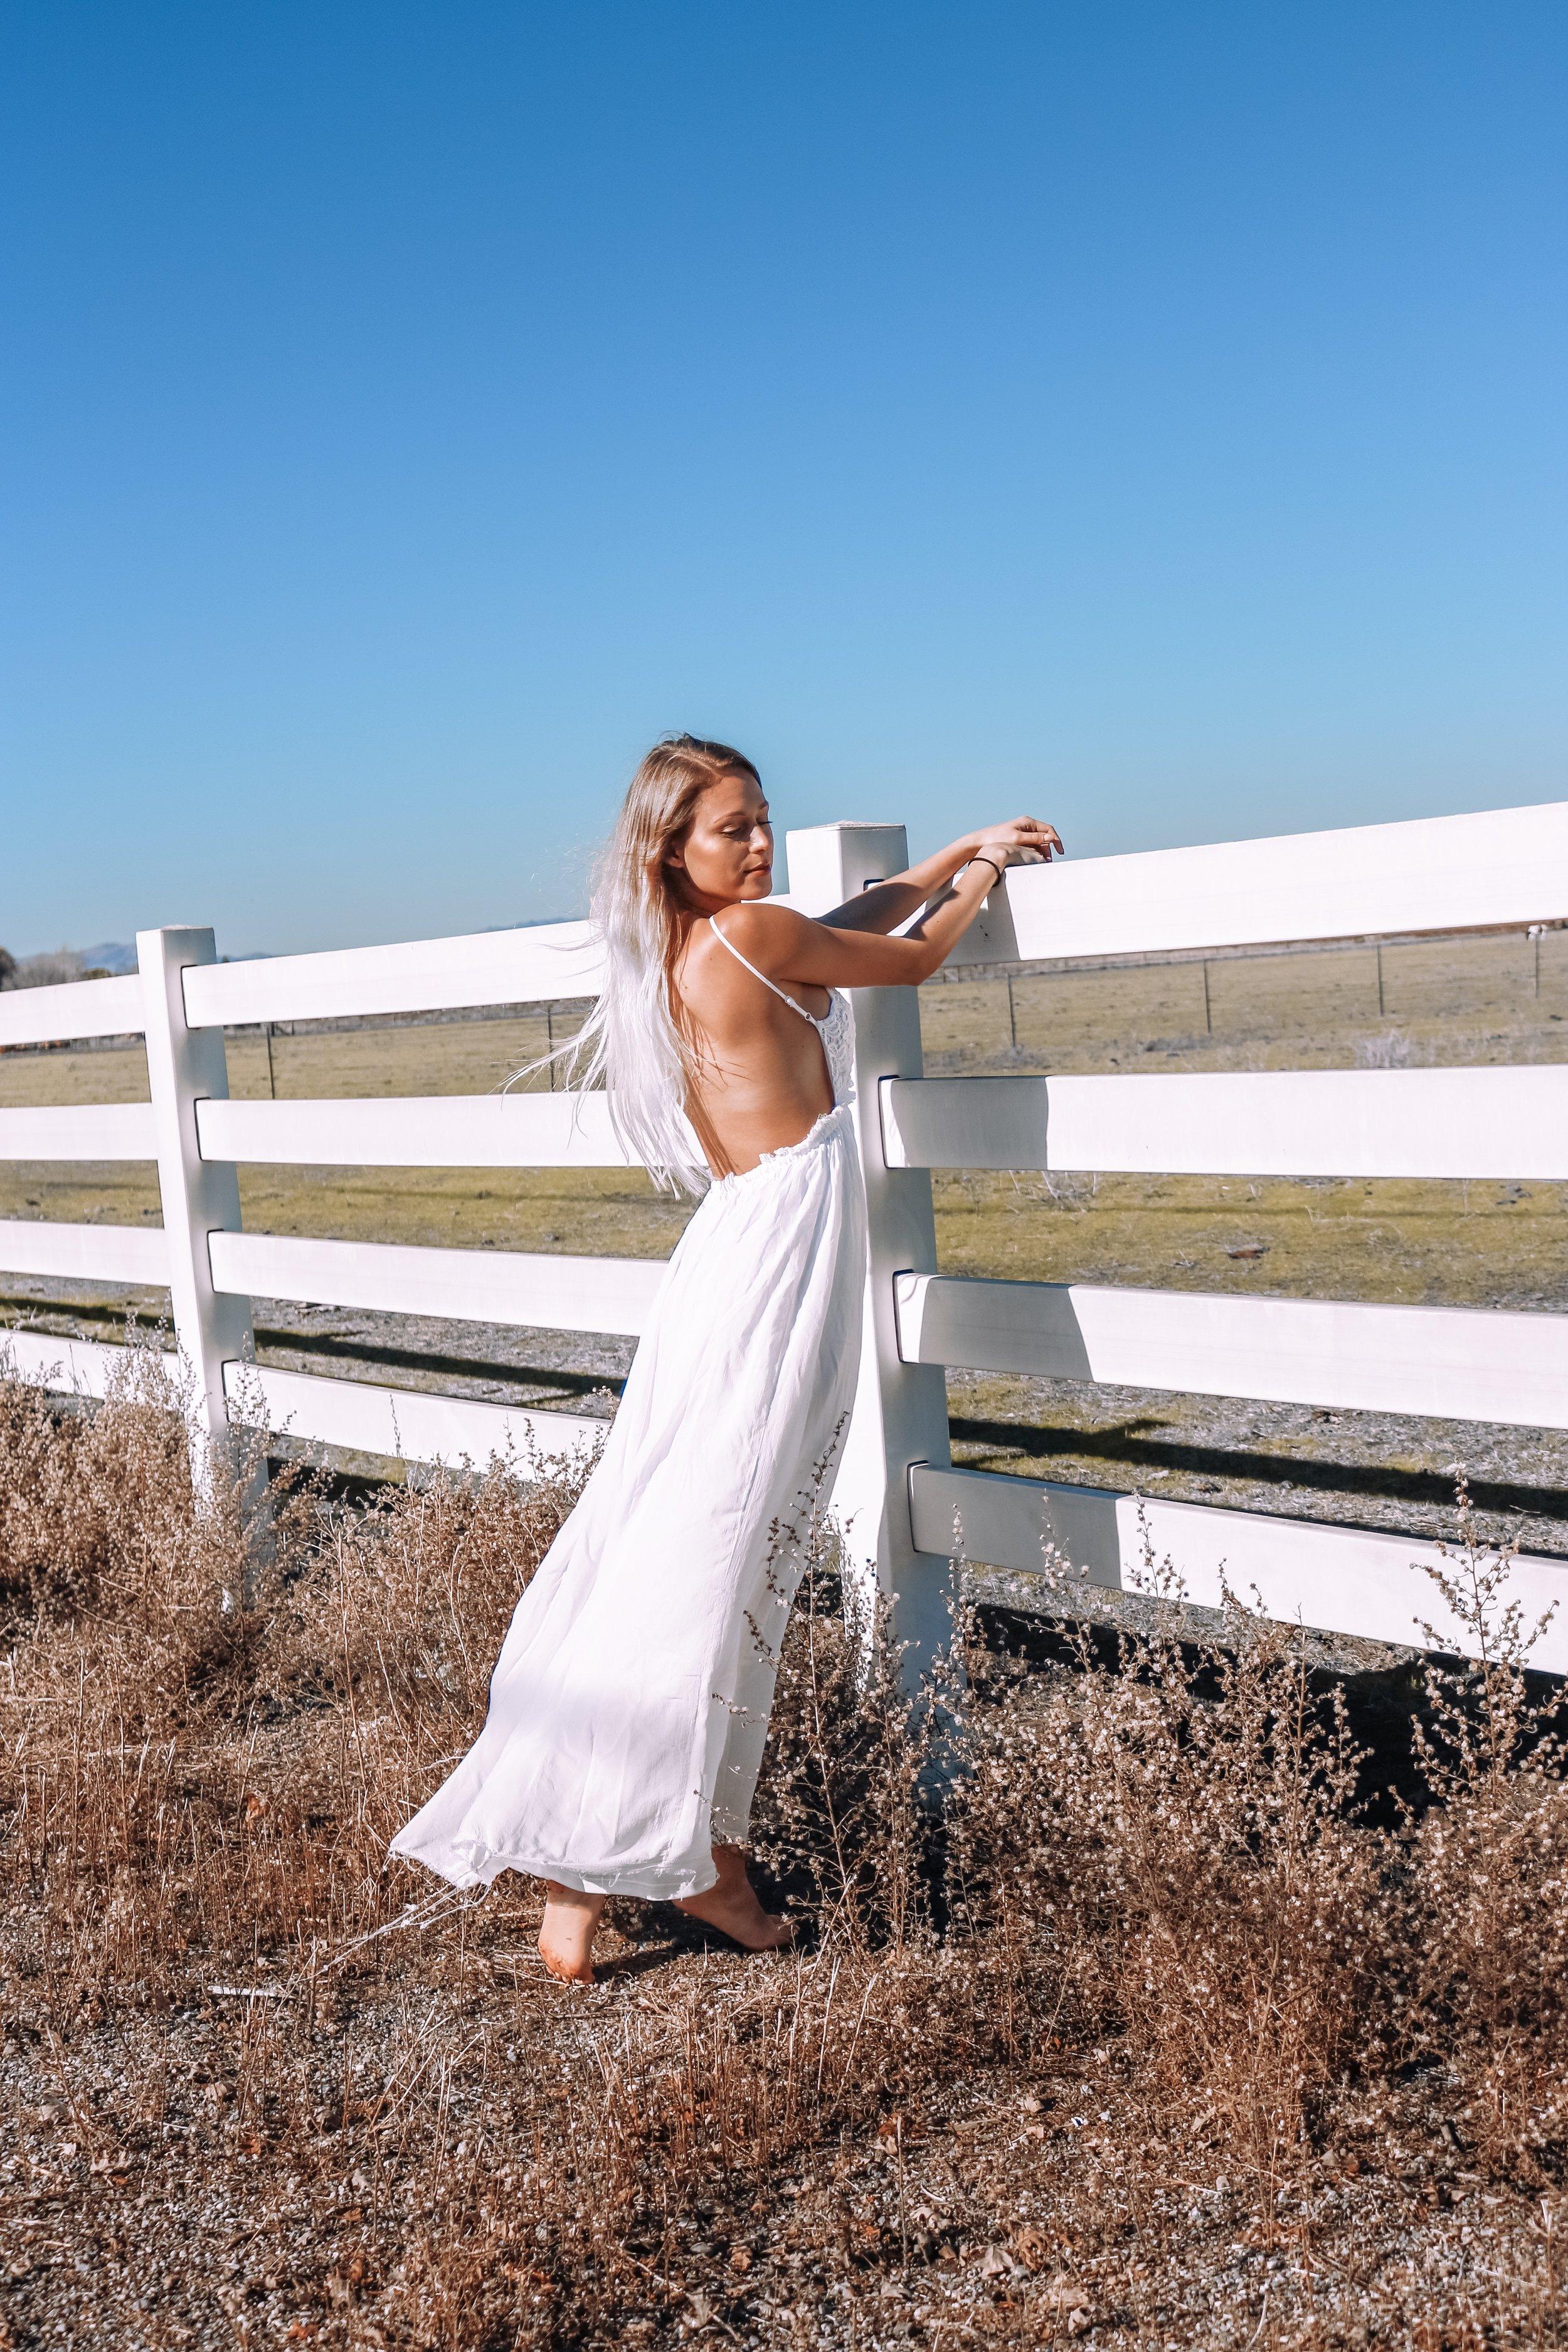 Thrifted white dress – Kessler Ramirez